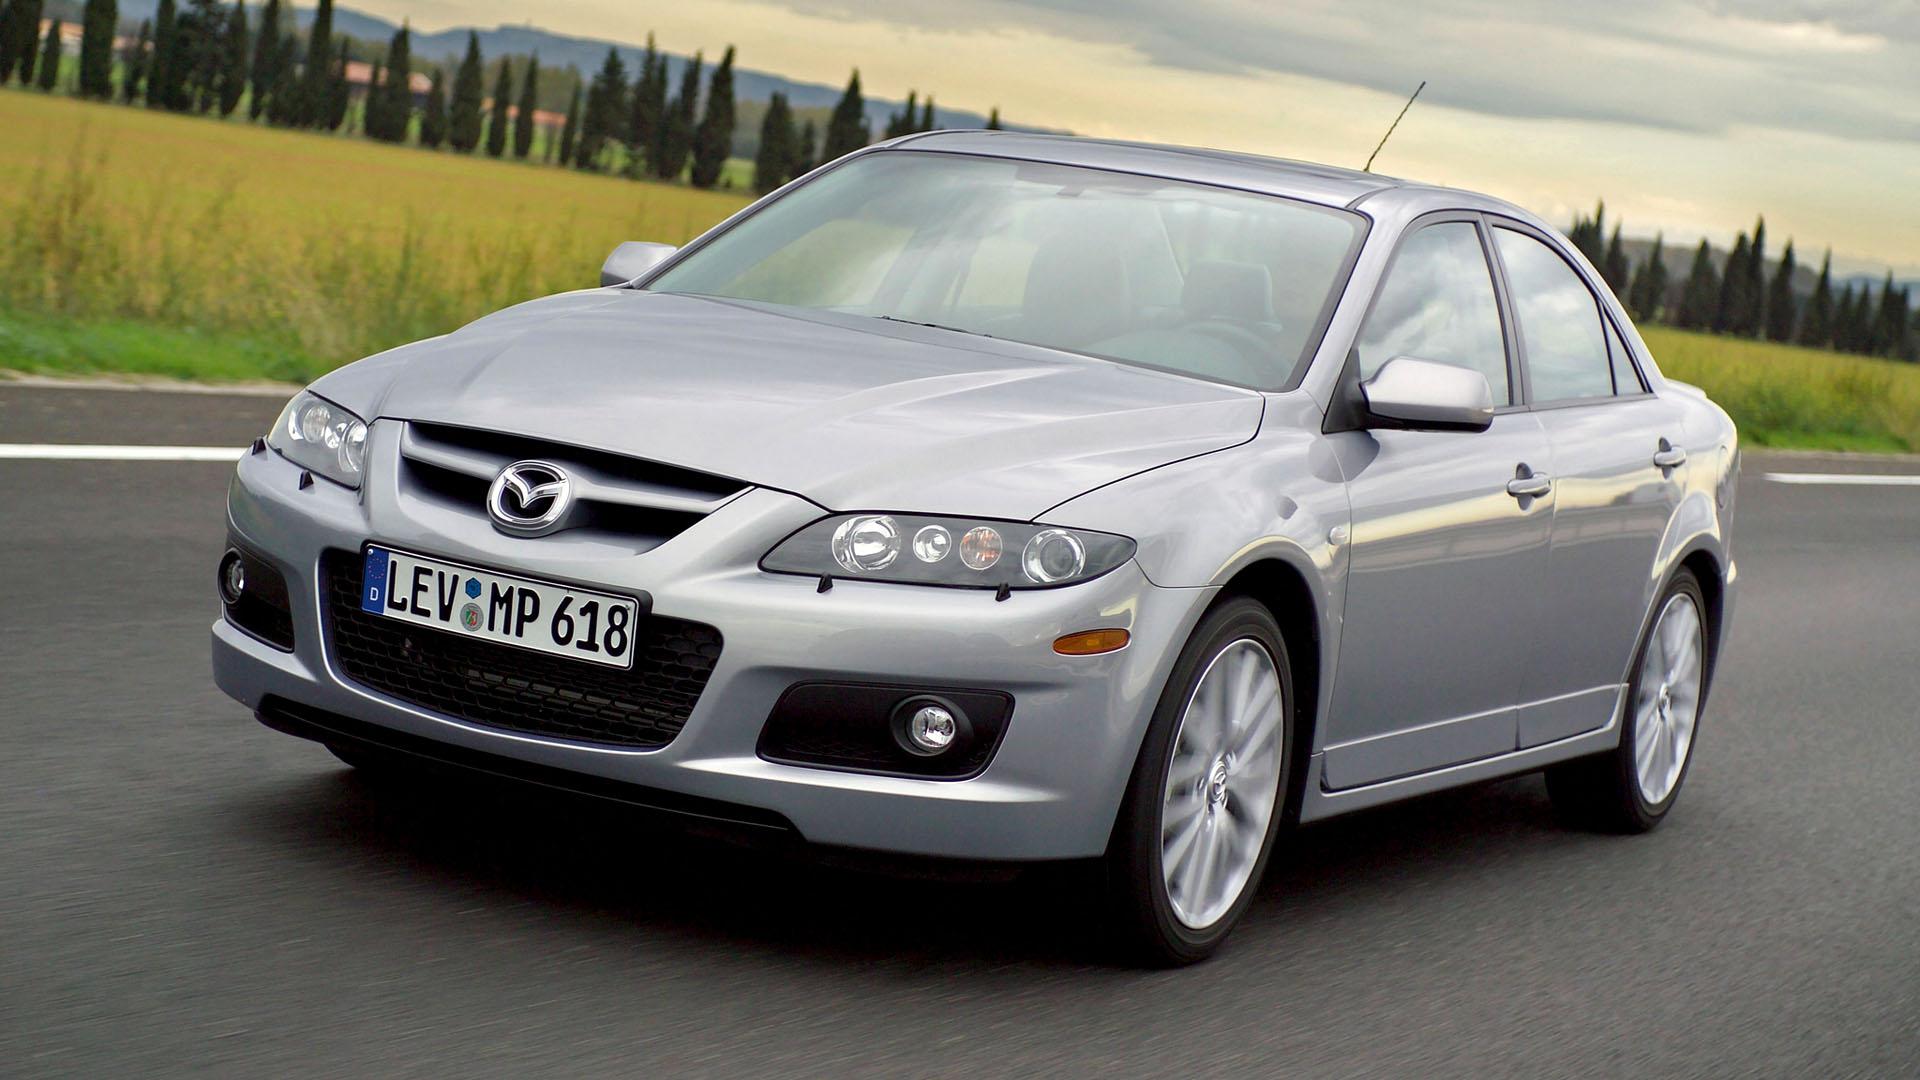 Coche del día: Mazda 6 MPS